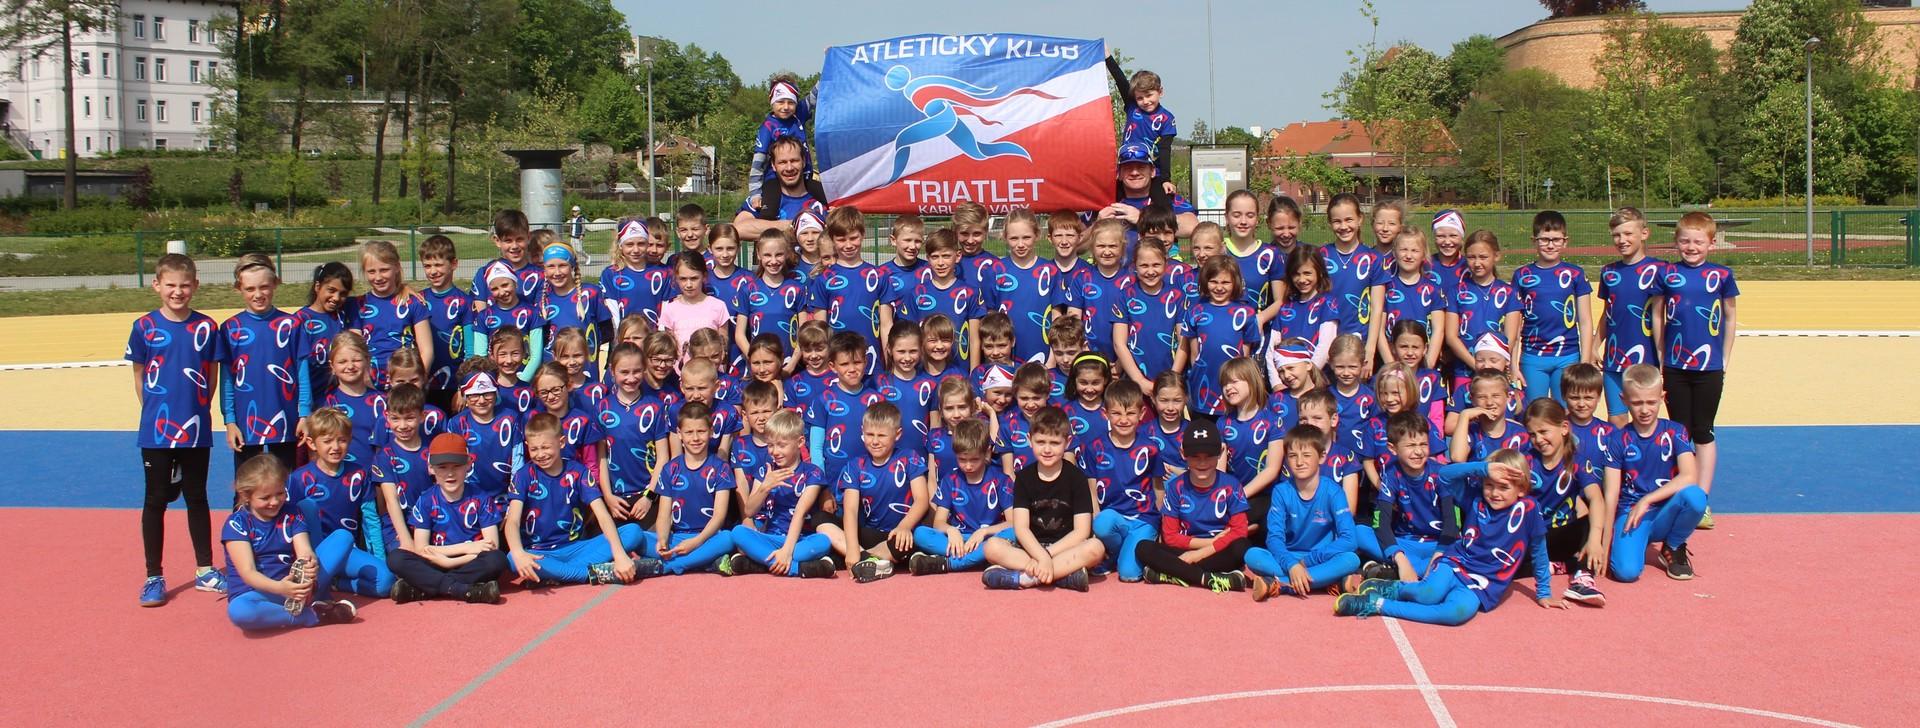 Nejlepší atletická přípravka v Karlovarském kraji